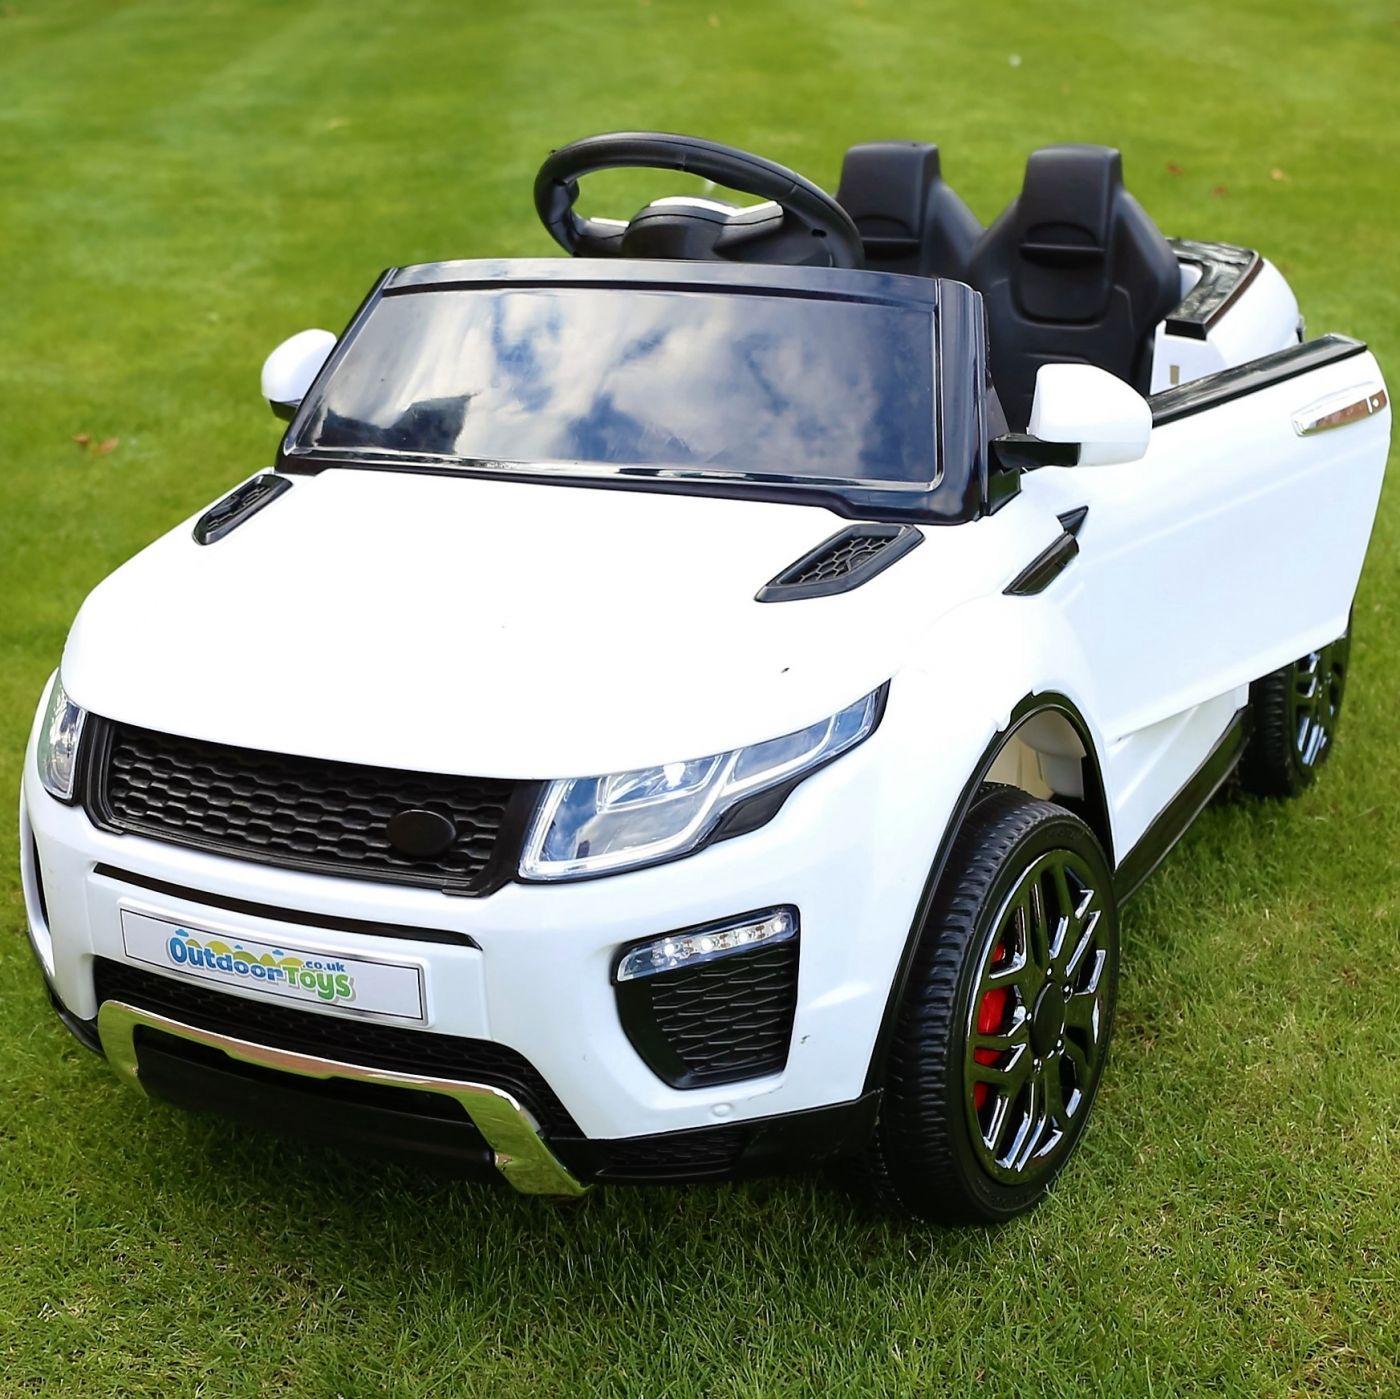 Range Rover Evoque Style 12v Child's Ride On Car - White